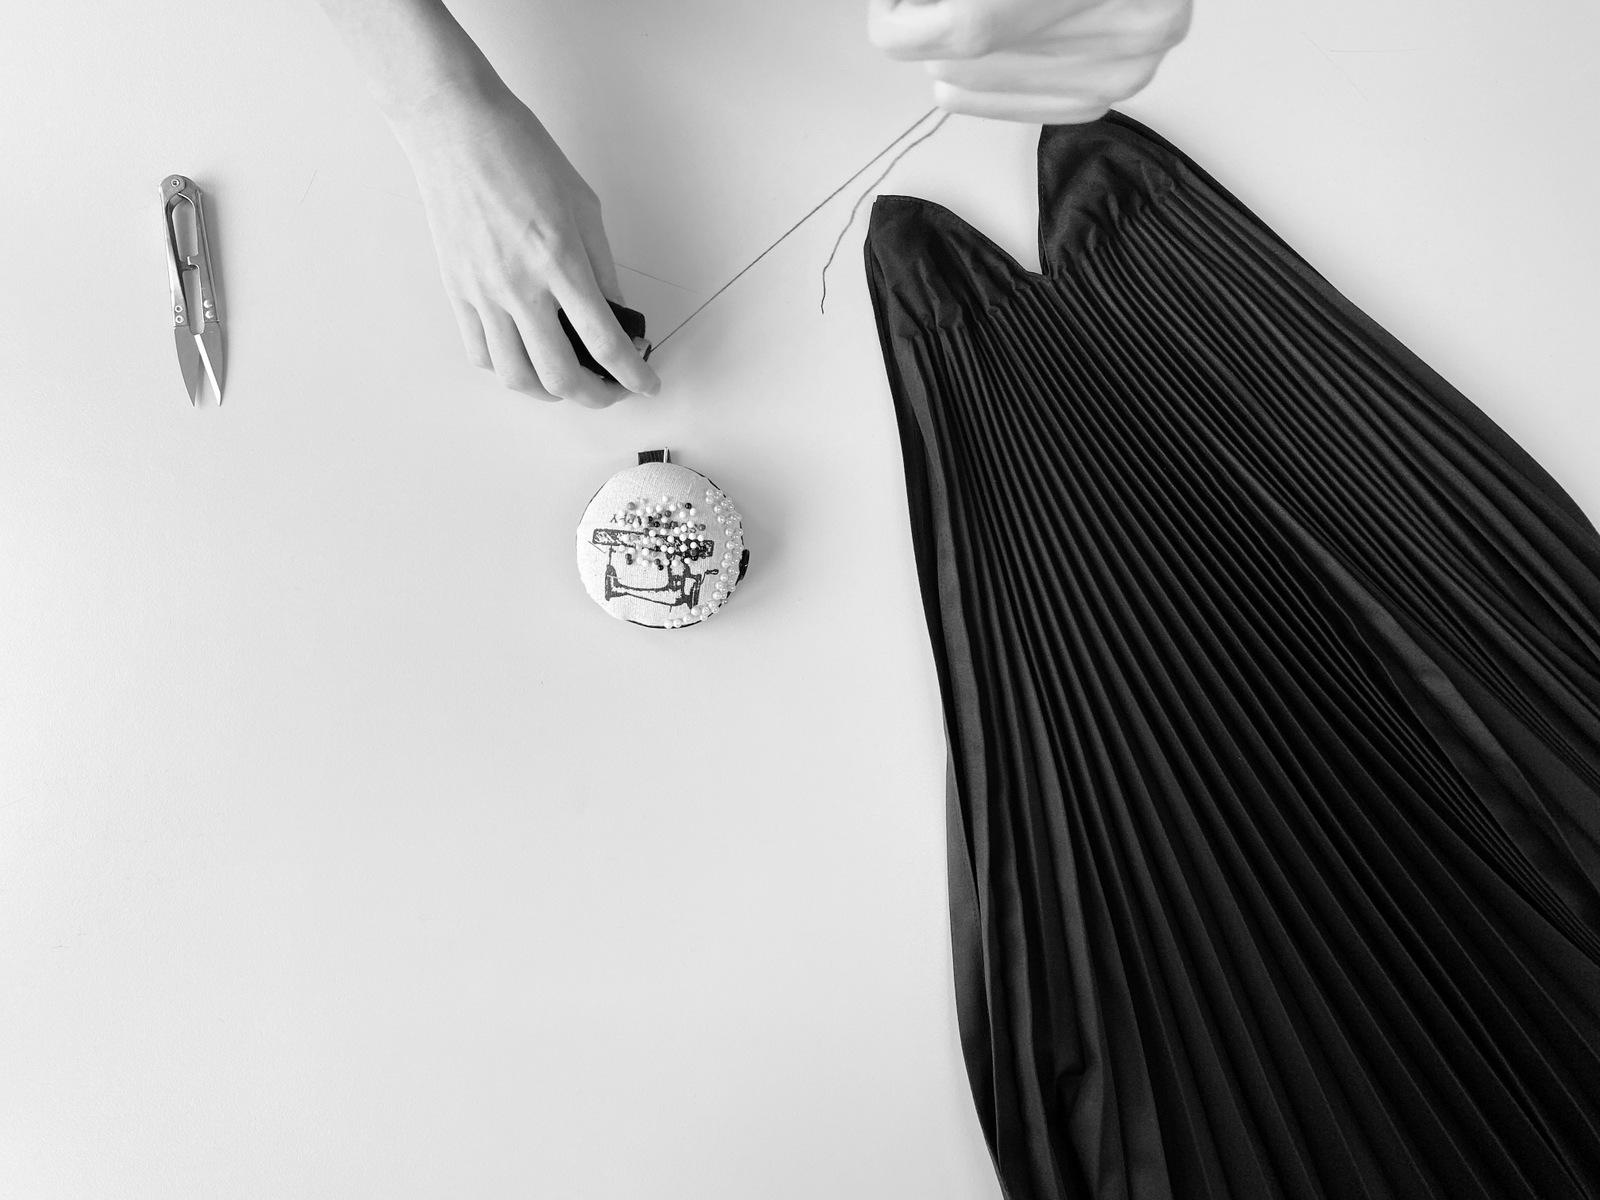 Plisovanie látok, plissé, plisé, zvonové plissé, zvonové plisé, plisovaná sukňa, kde vyplisovať látku, kde plisovať látku, plisovanie látok na zákazku, ručné plisovanie, ručné plisovanie látok, handmade, handpleat, handpleated, pleated skirt, plisovanie